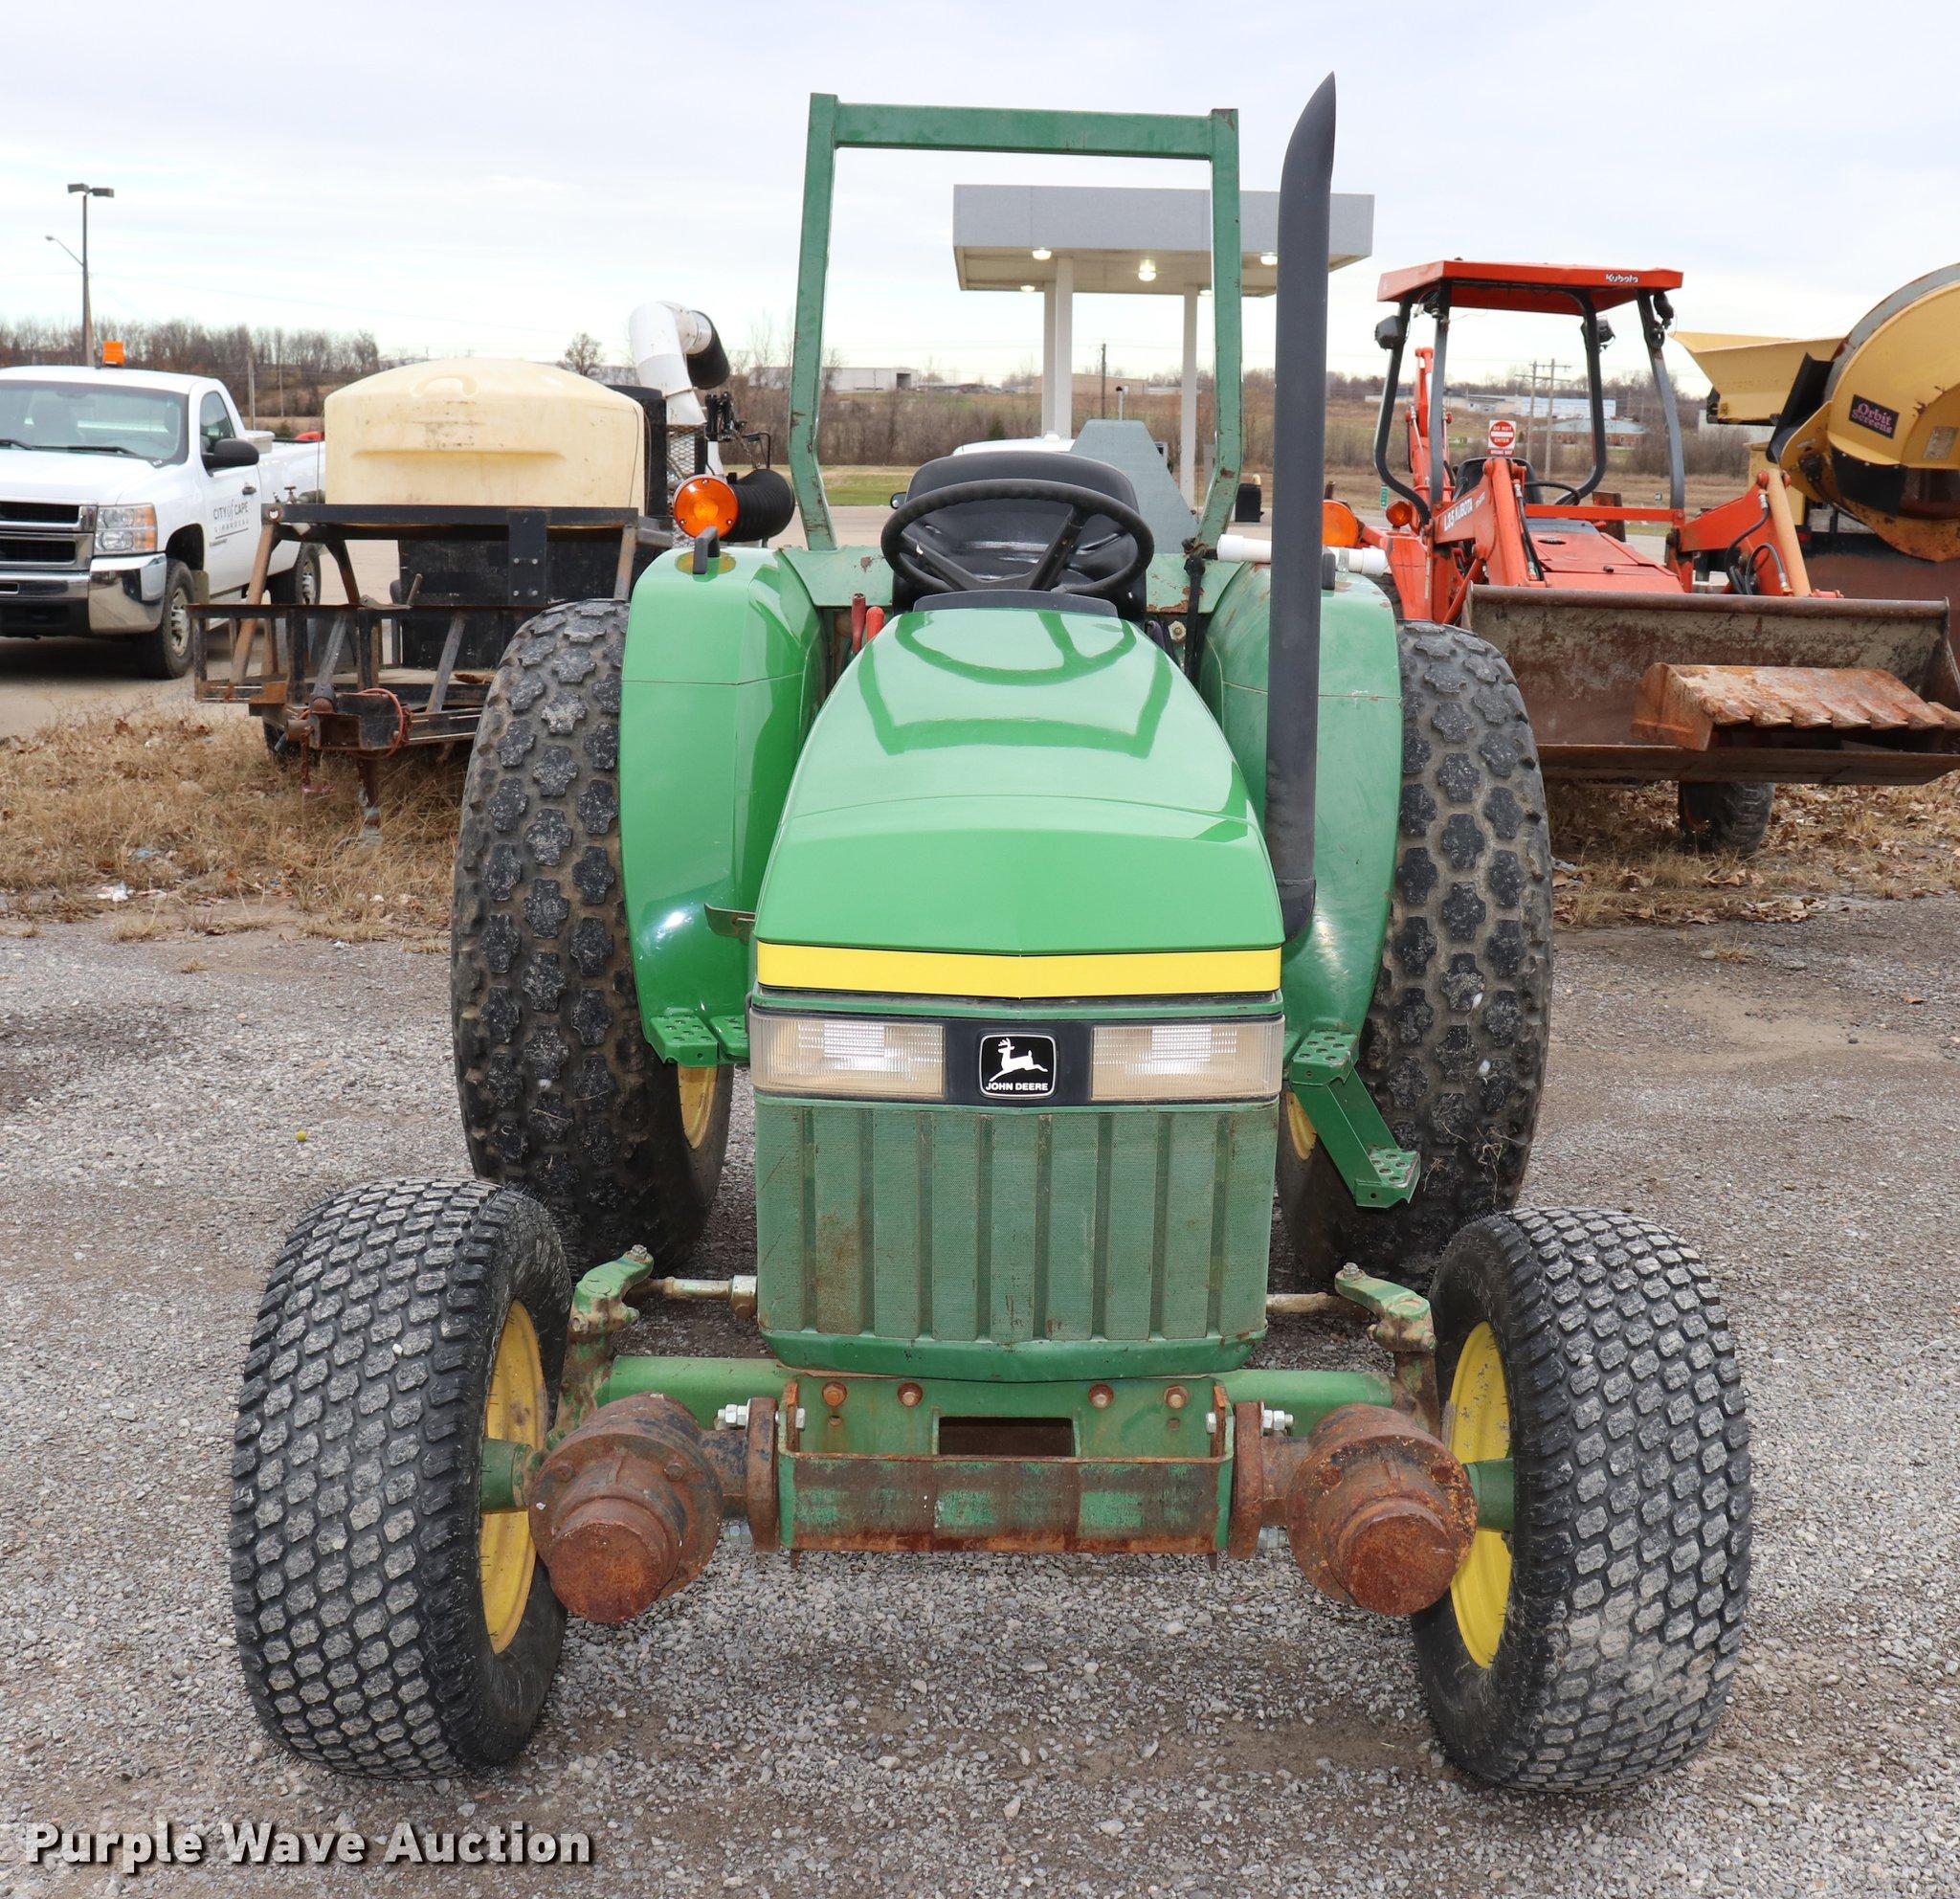 ... John Deere 970 tractor Full size in new window ...